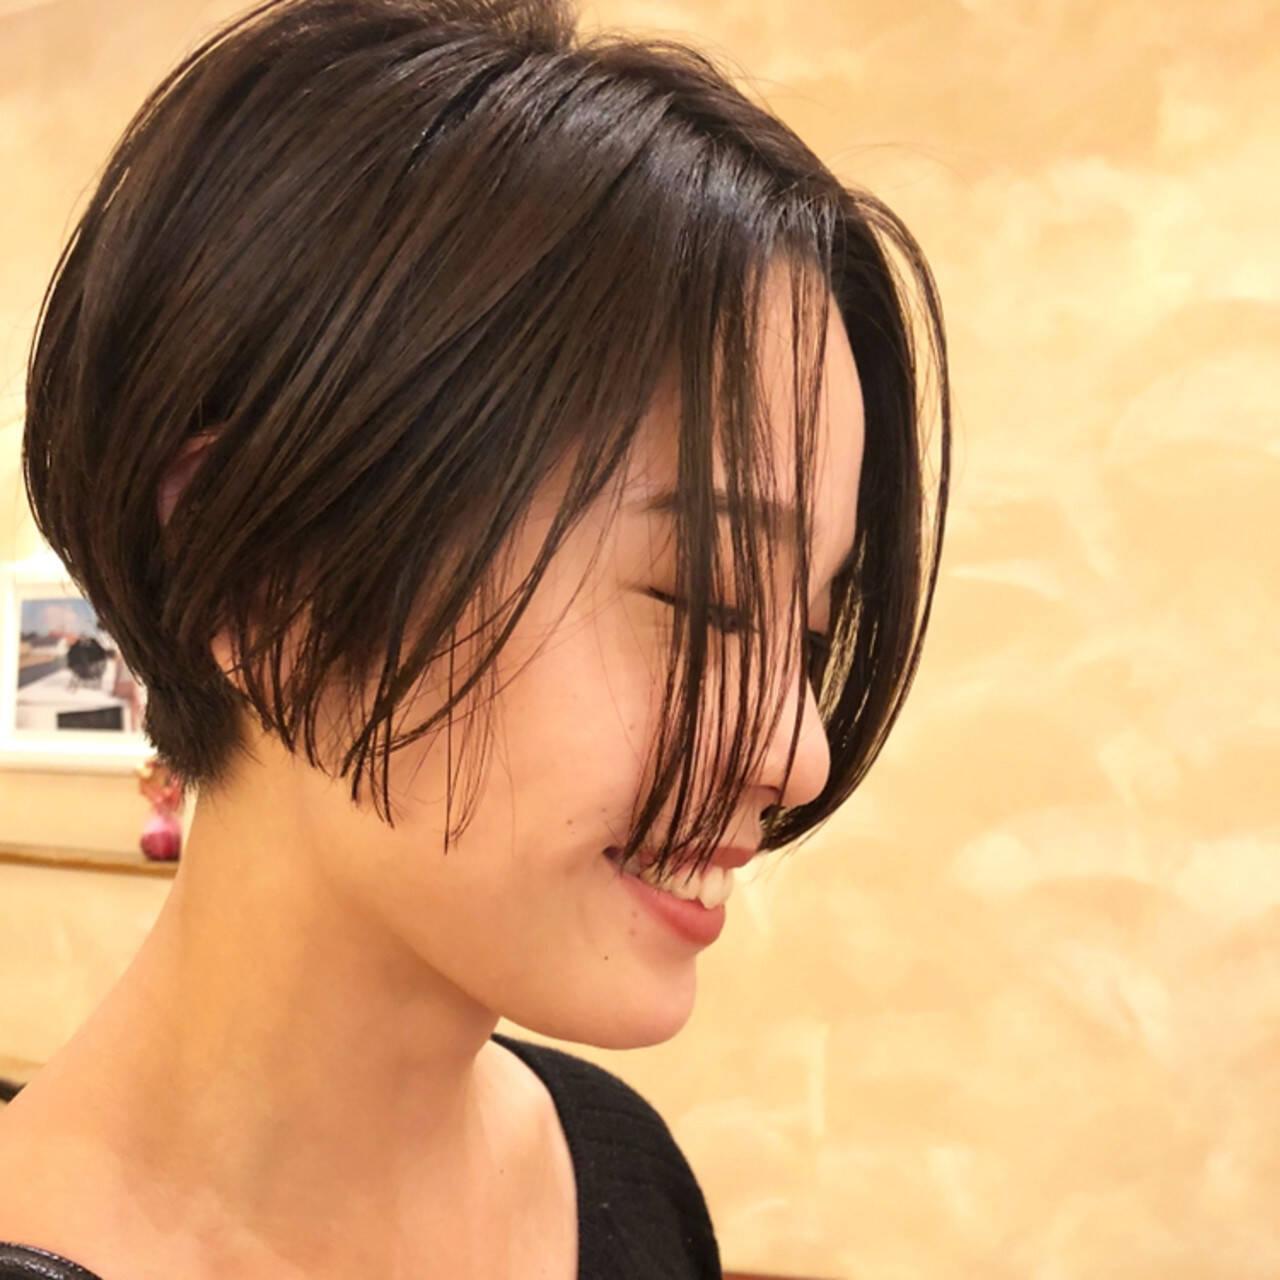 ナチュラル セミウェット ニュアンス ショートボブヘアスタイルや髪型の写真・画像